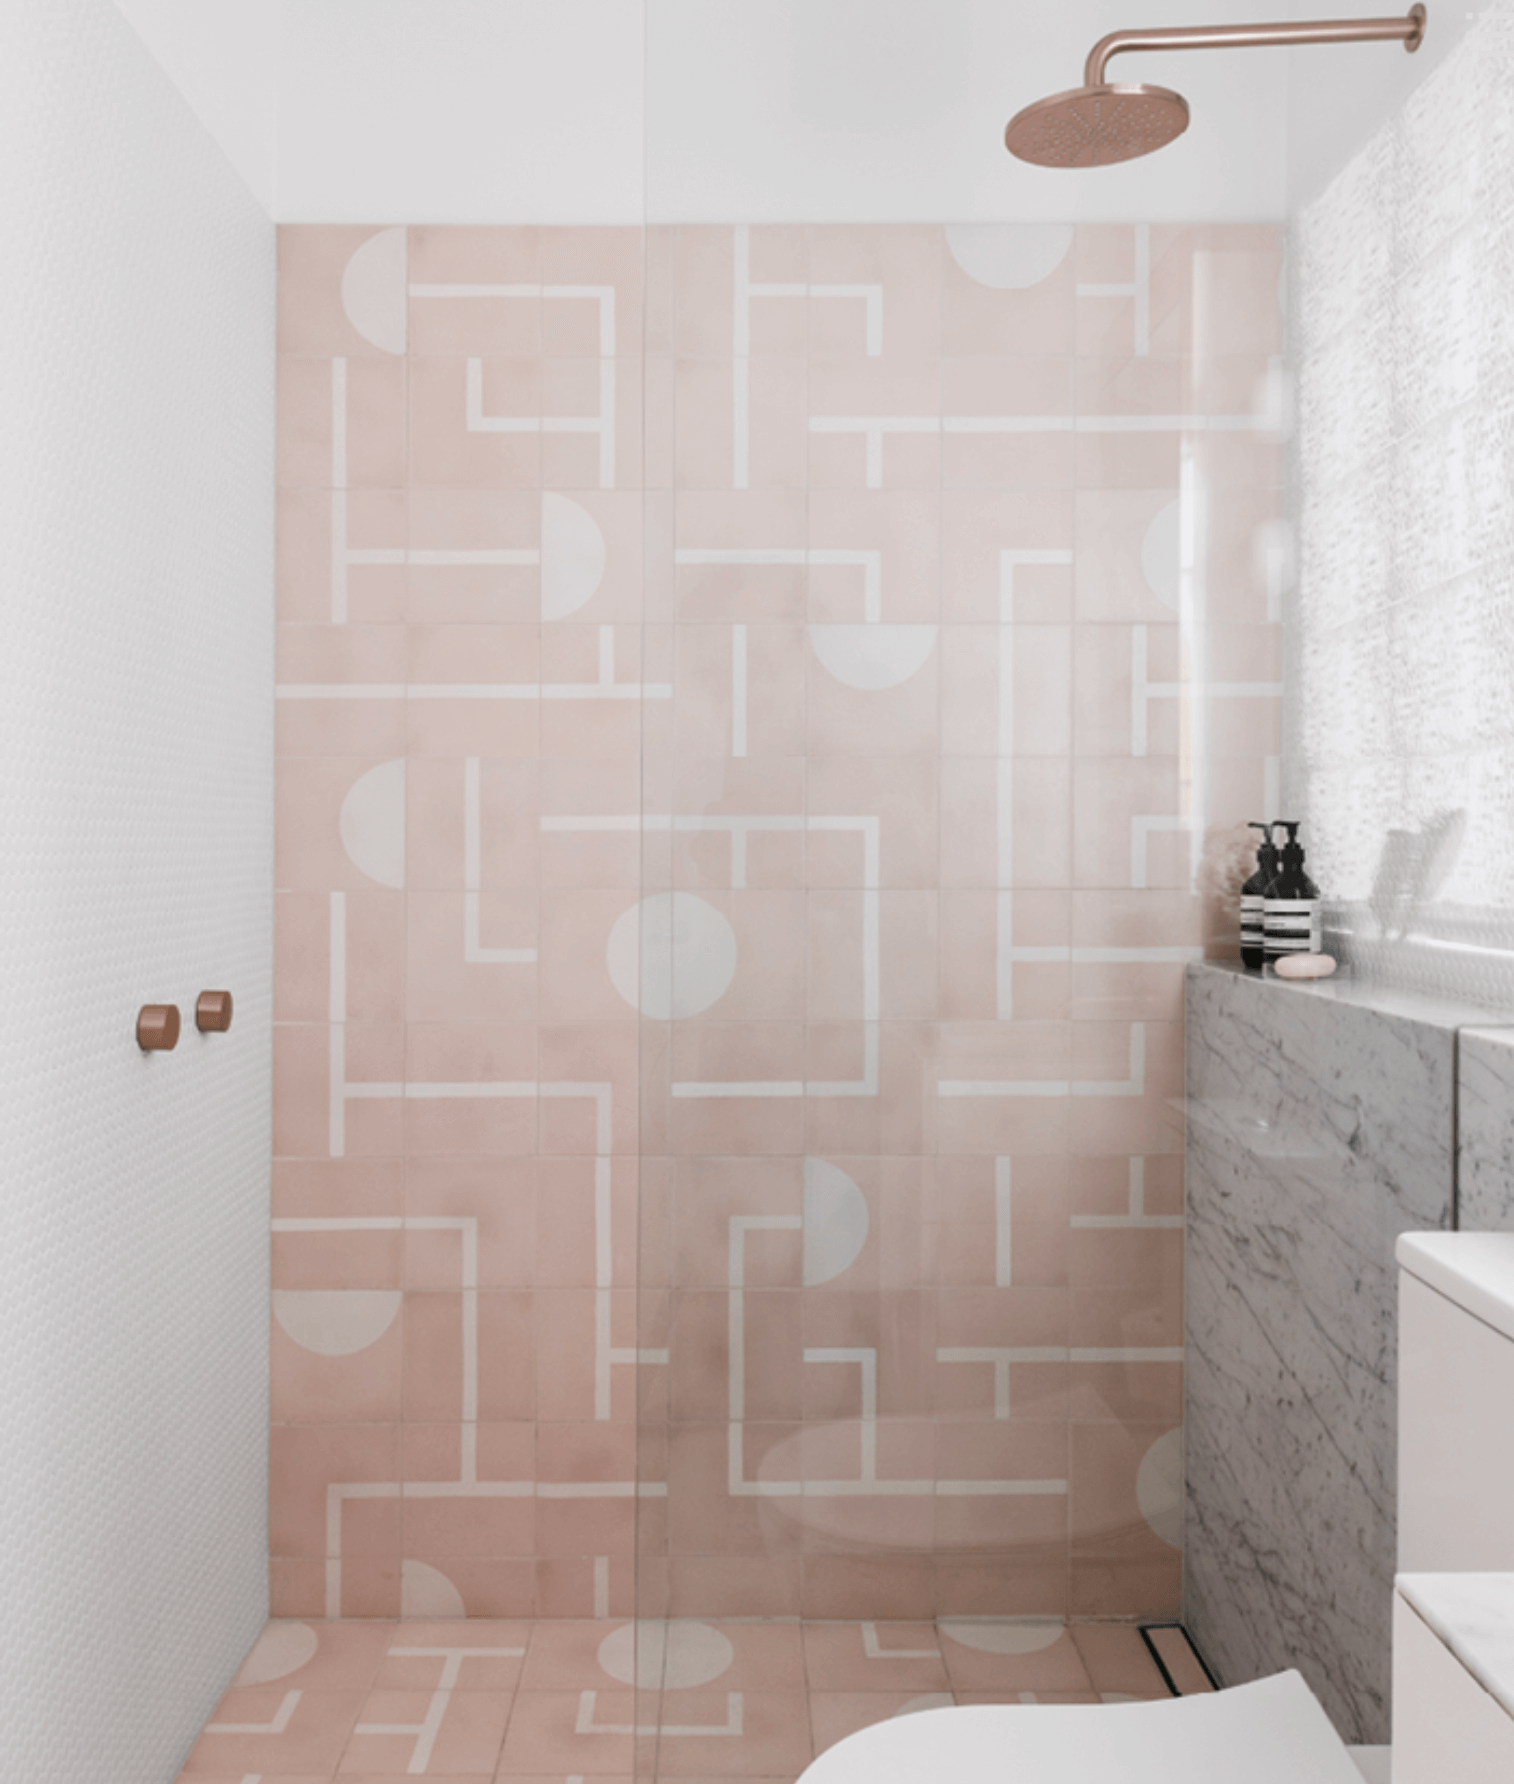 Modern pink bathroom, Popham Design Brazilia tile, Halo rose gold fixtures